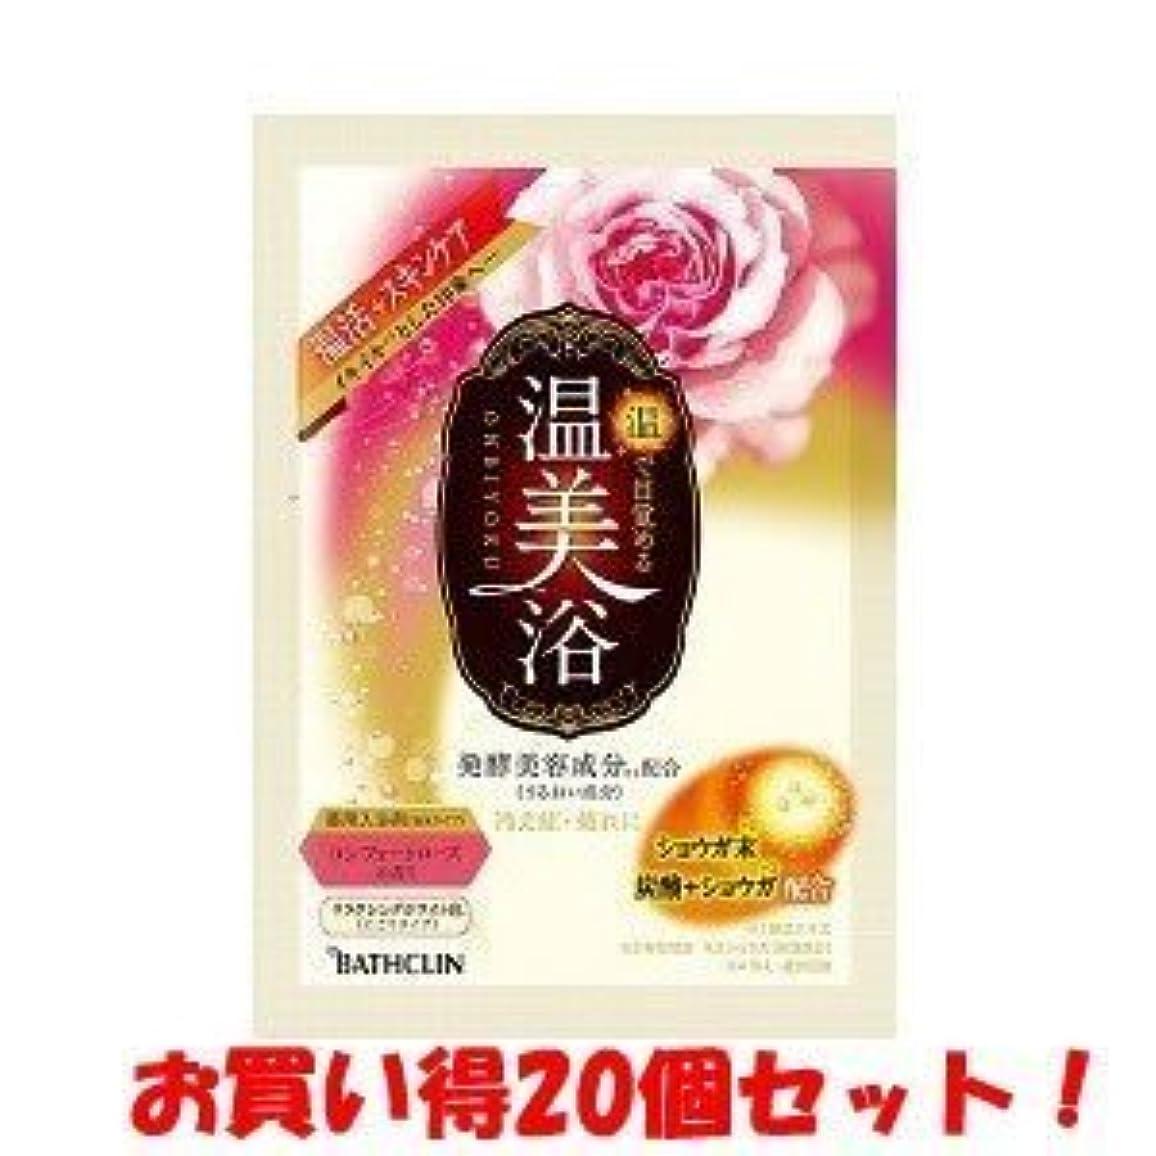 財団デザート悩み(バスクリン)温美浴 コンフォートローズの香り 40g(医薬部外品)(お買い得20個セット)